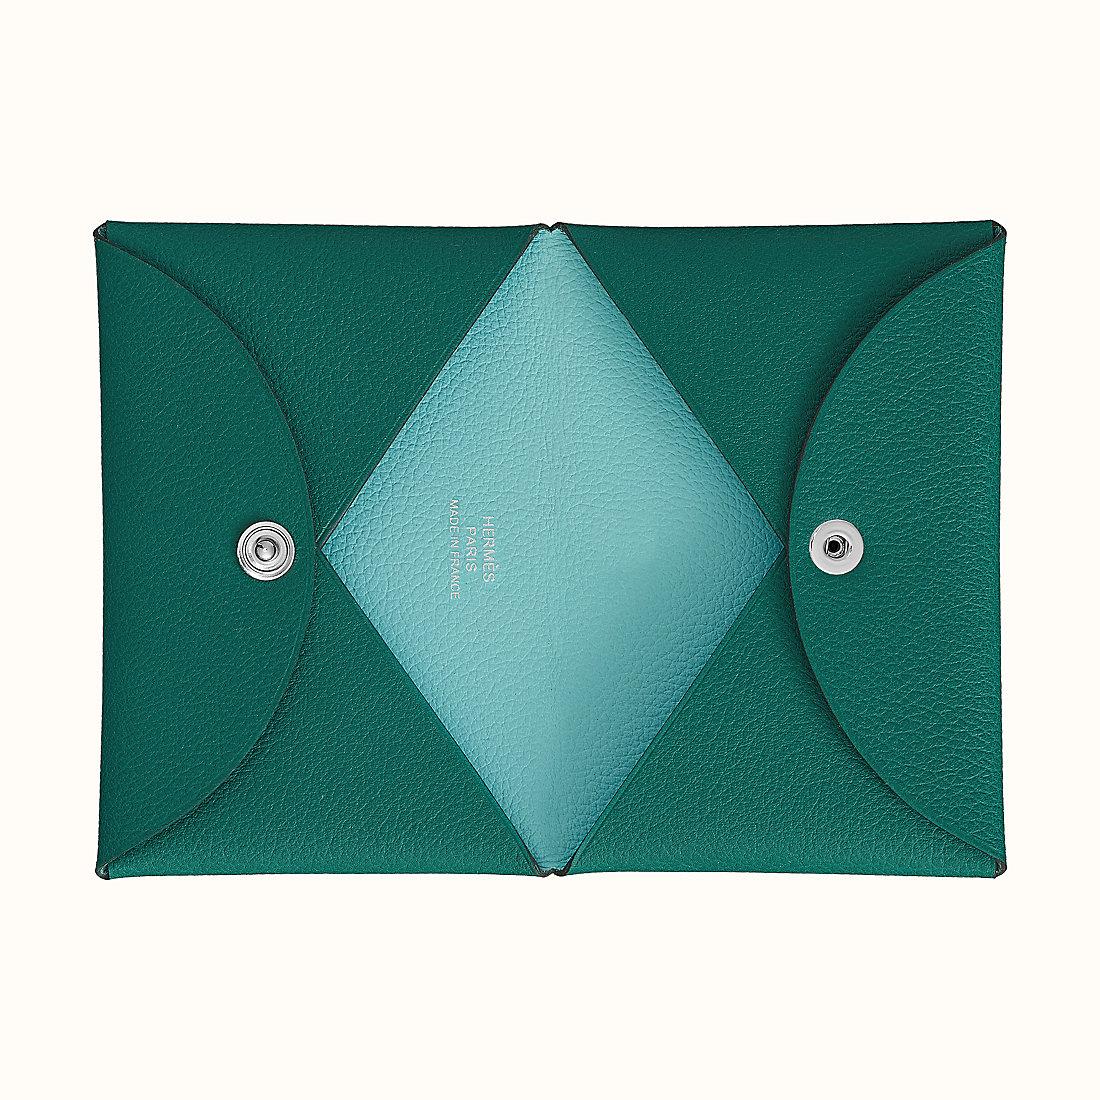 香港長洲區 愛馬仕 Calvi 雙色 山羊皮卡包 孔雀绿/泻湖蓝 價格及圖片